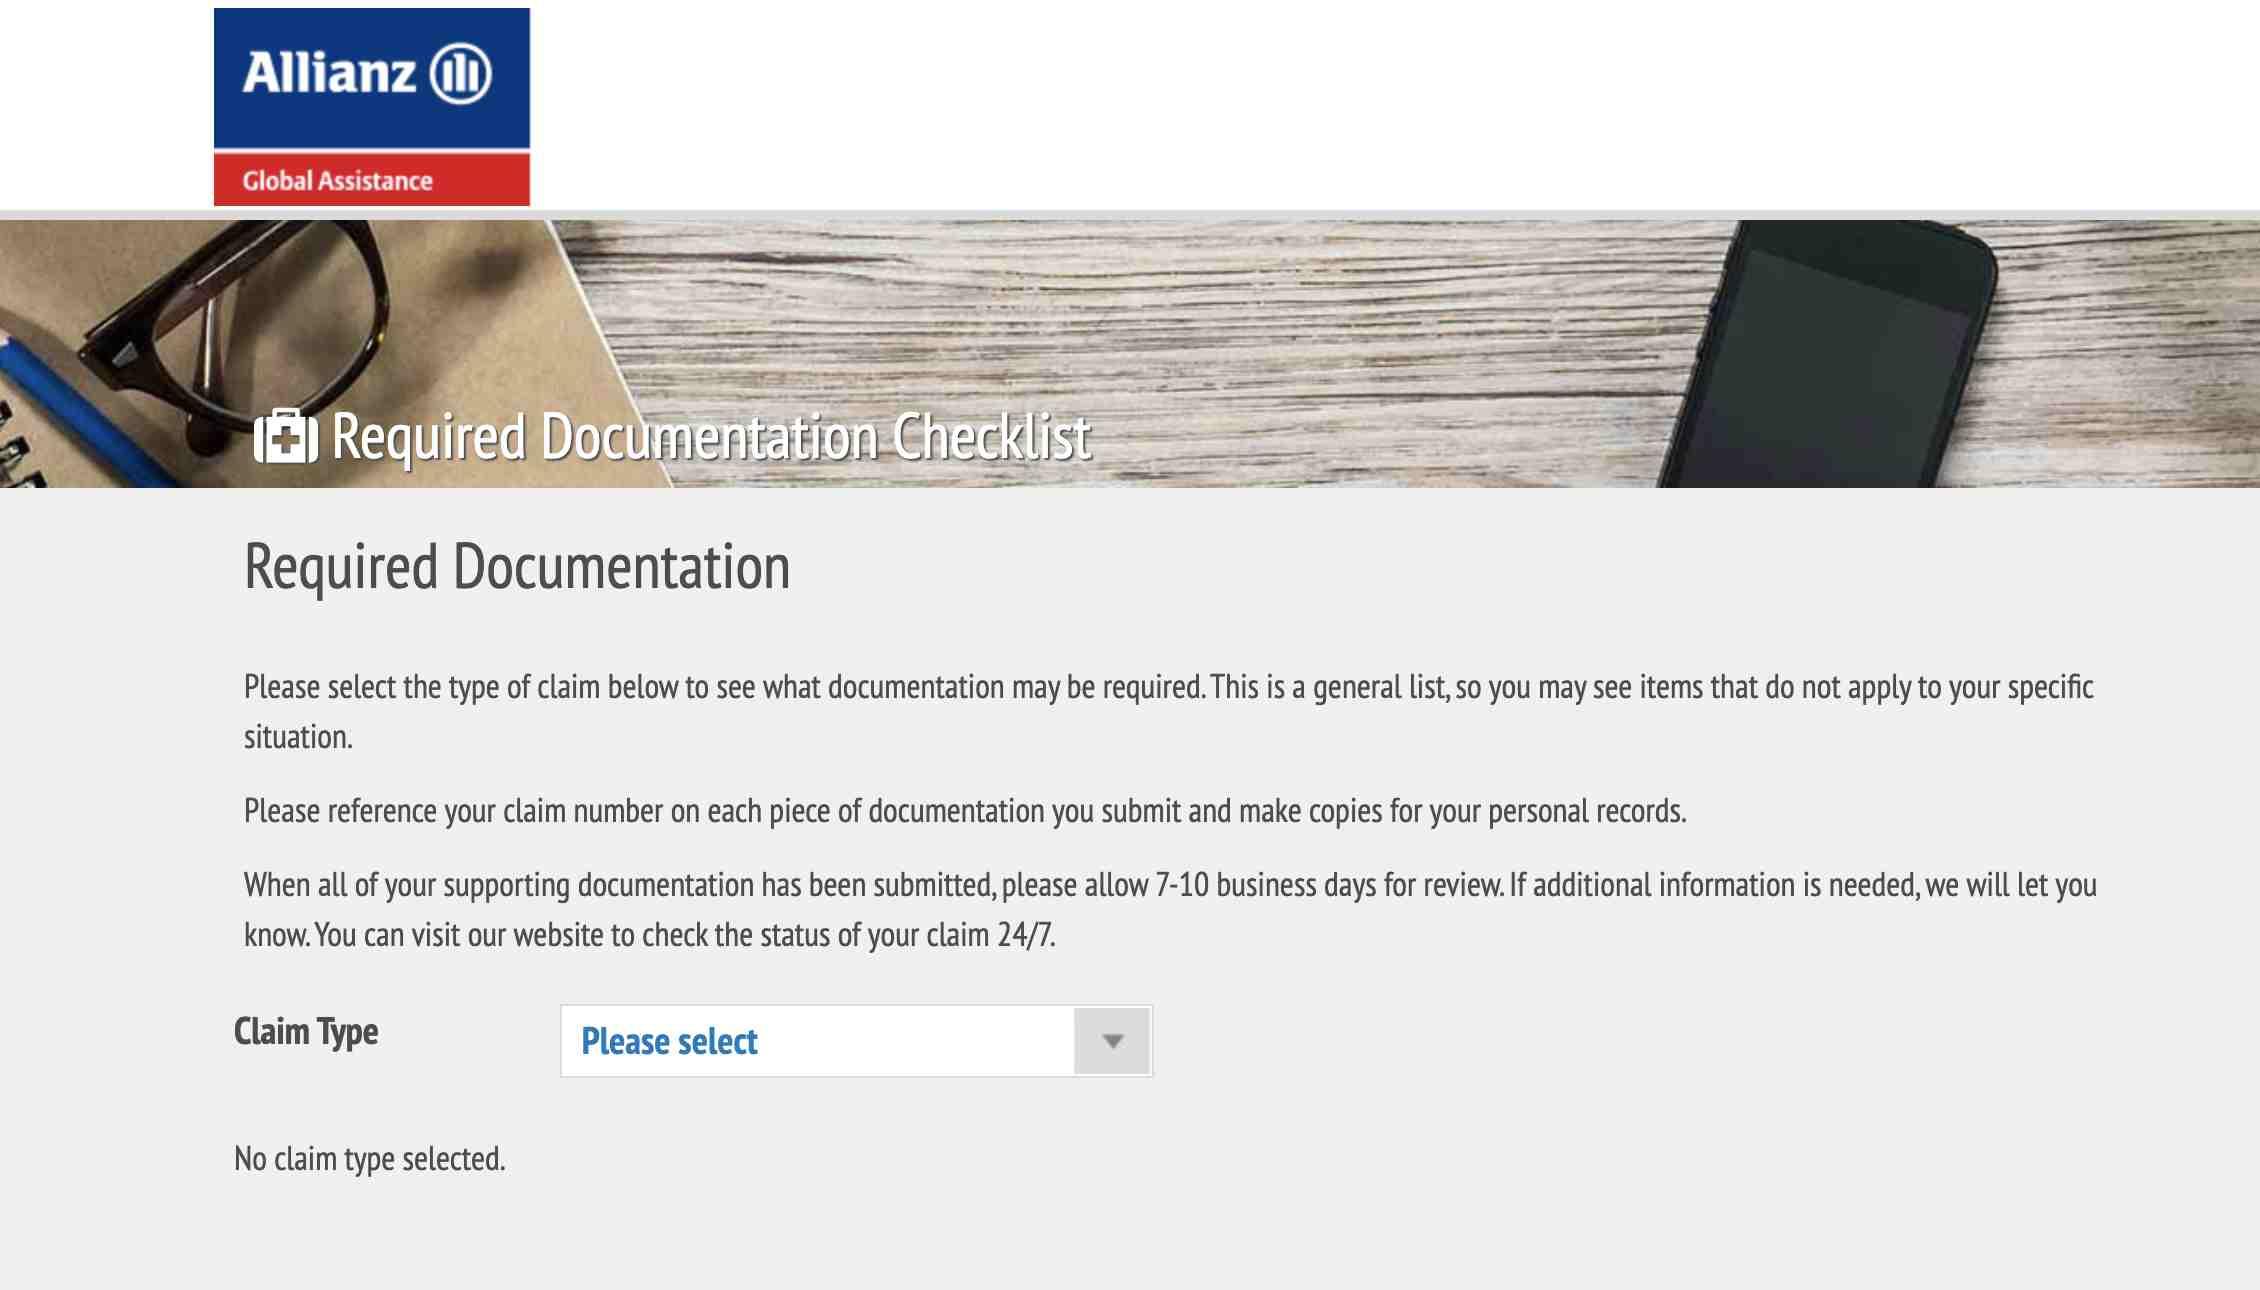 Allianz Required Documentation Checklist